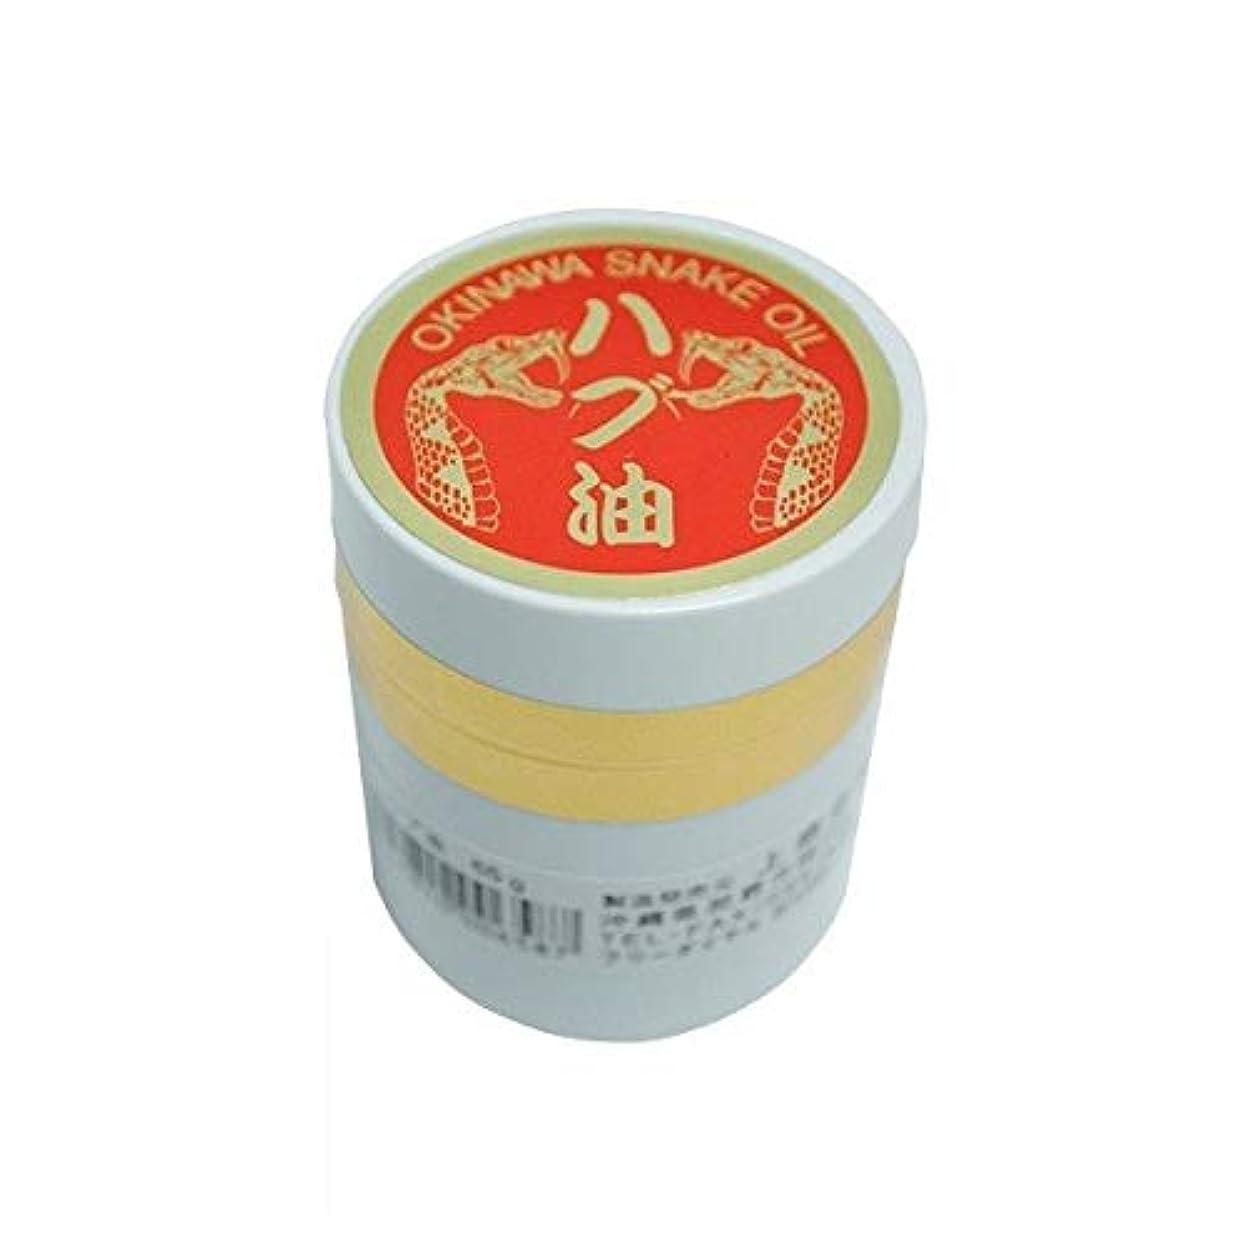 あらゆる種類のマイル折沖縄産 ハブ油 65g 軟膏タイプ